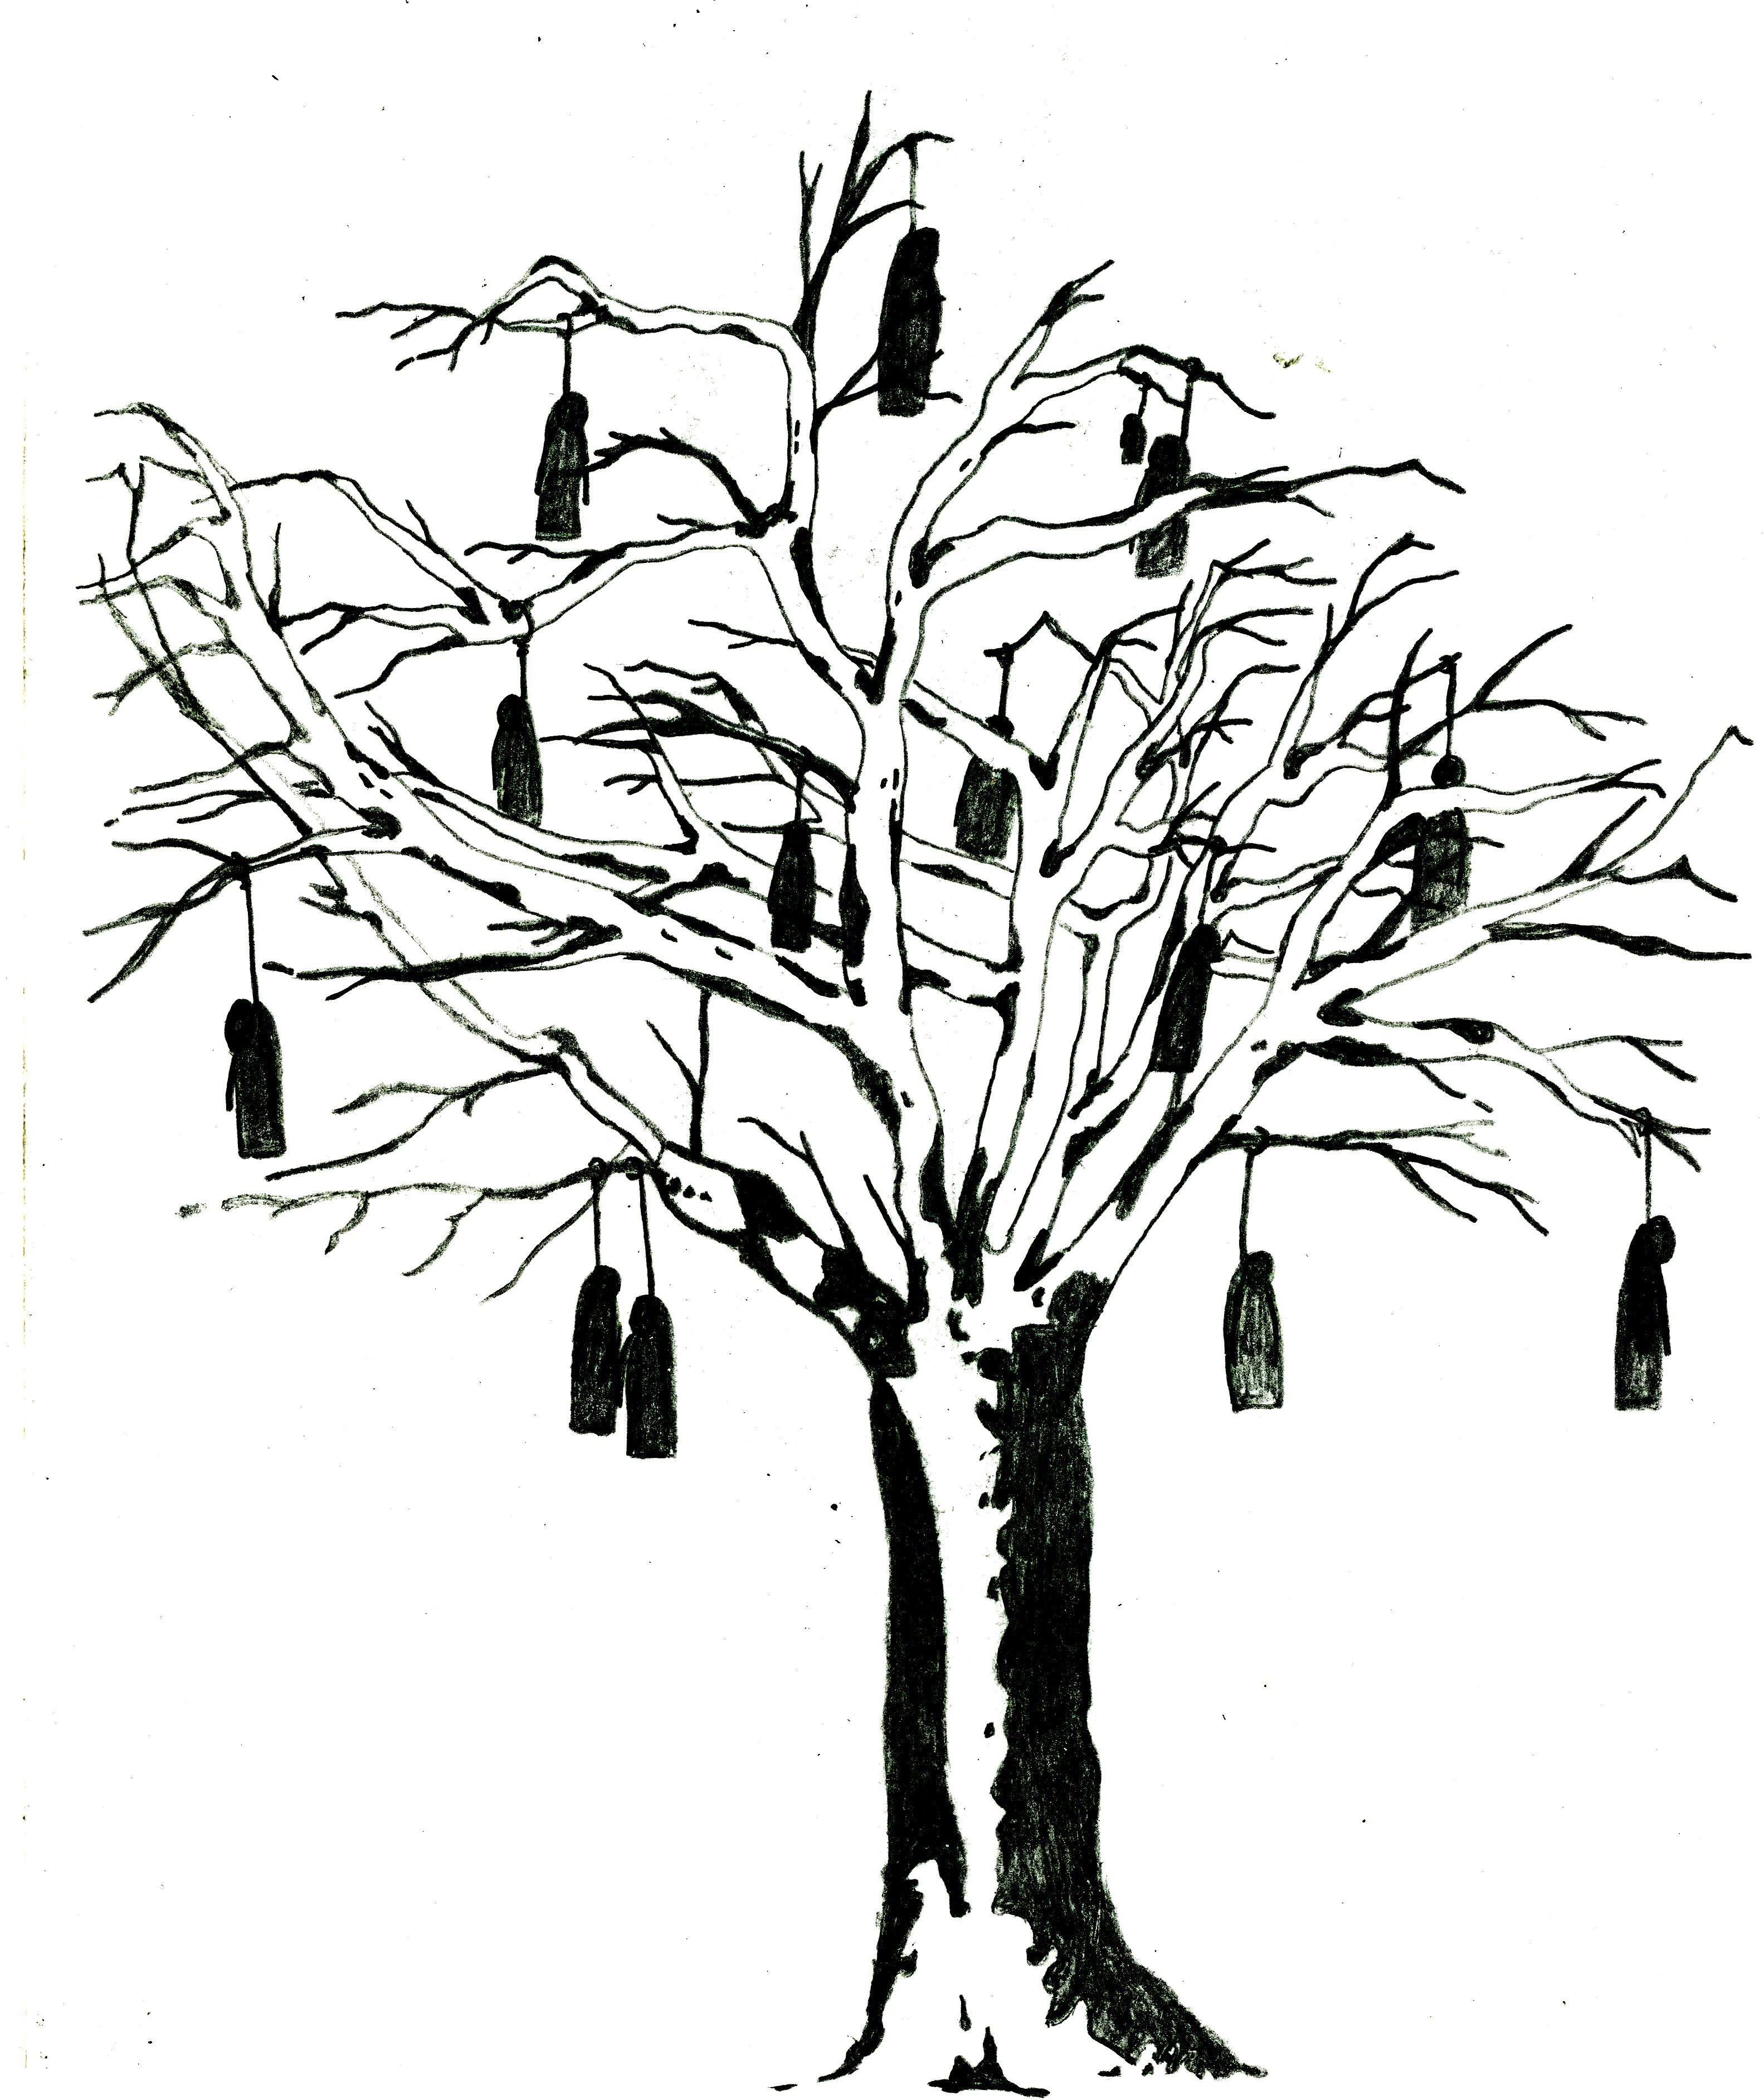 3166x3768 Family Tree Idea Beginning Mscragg Illustration